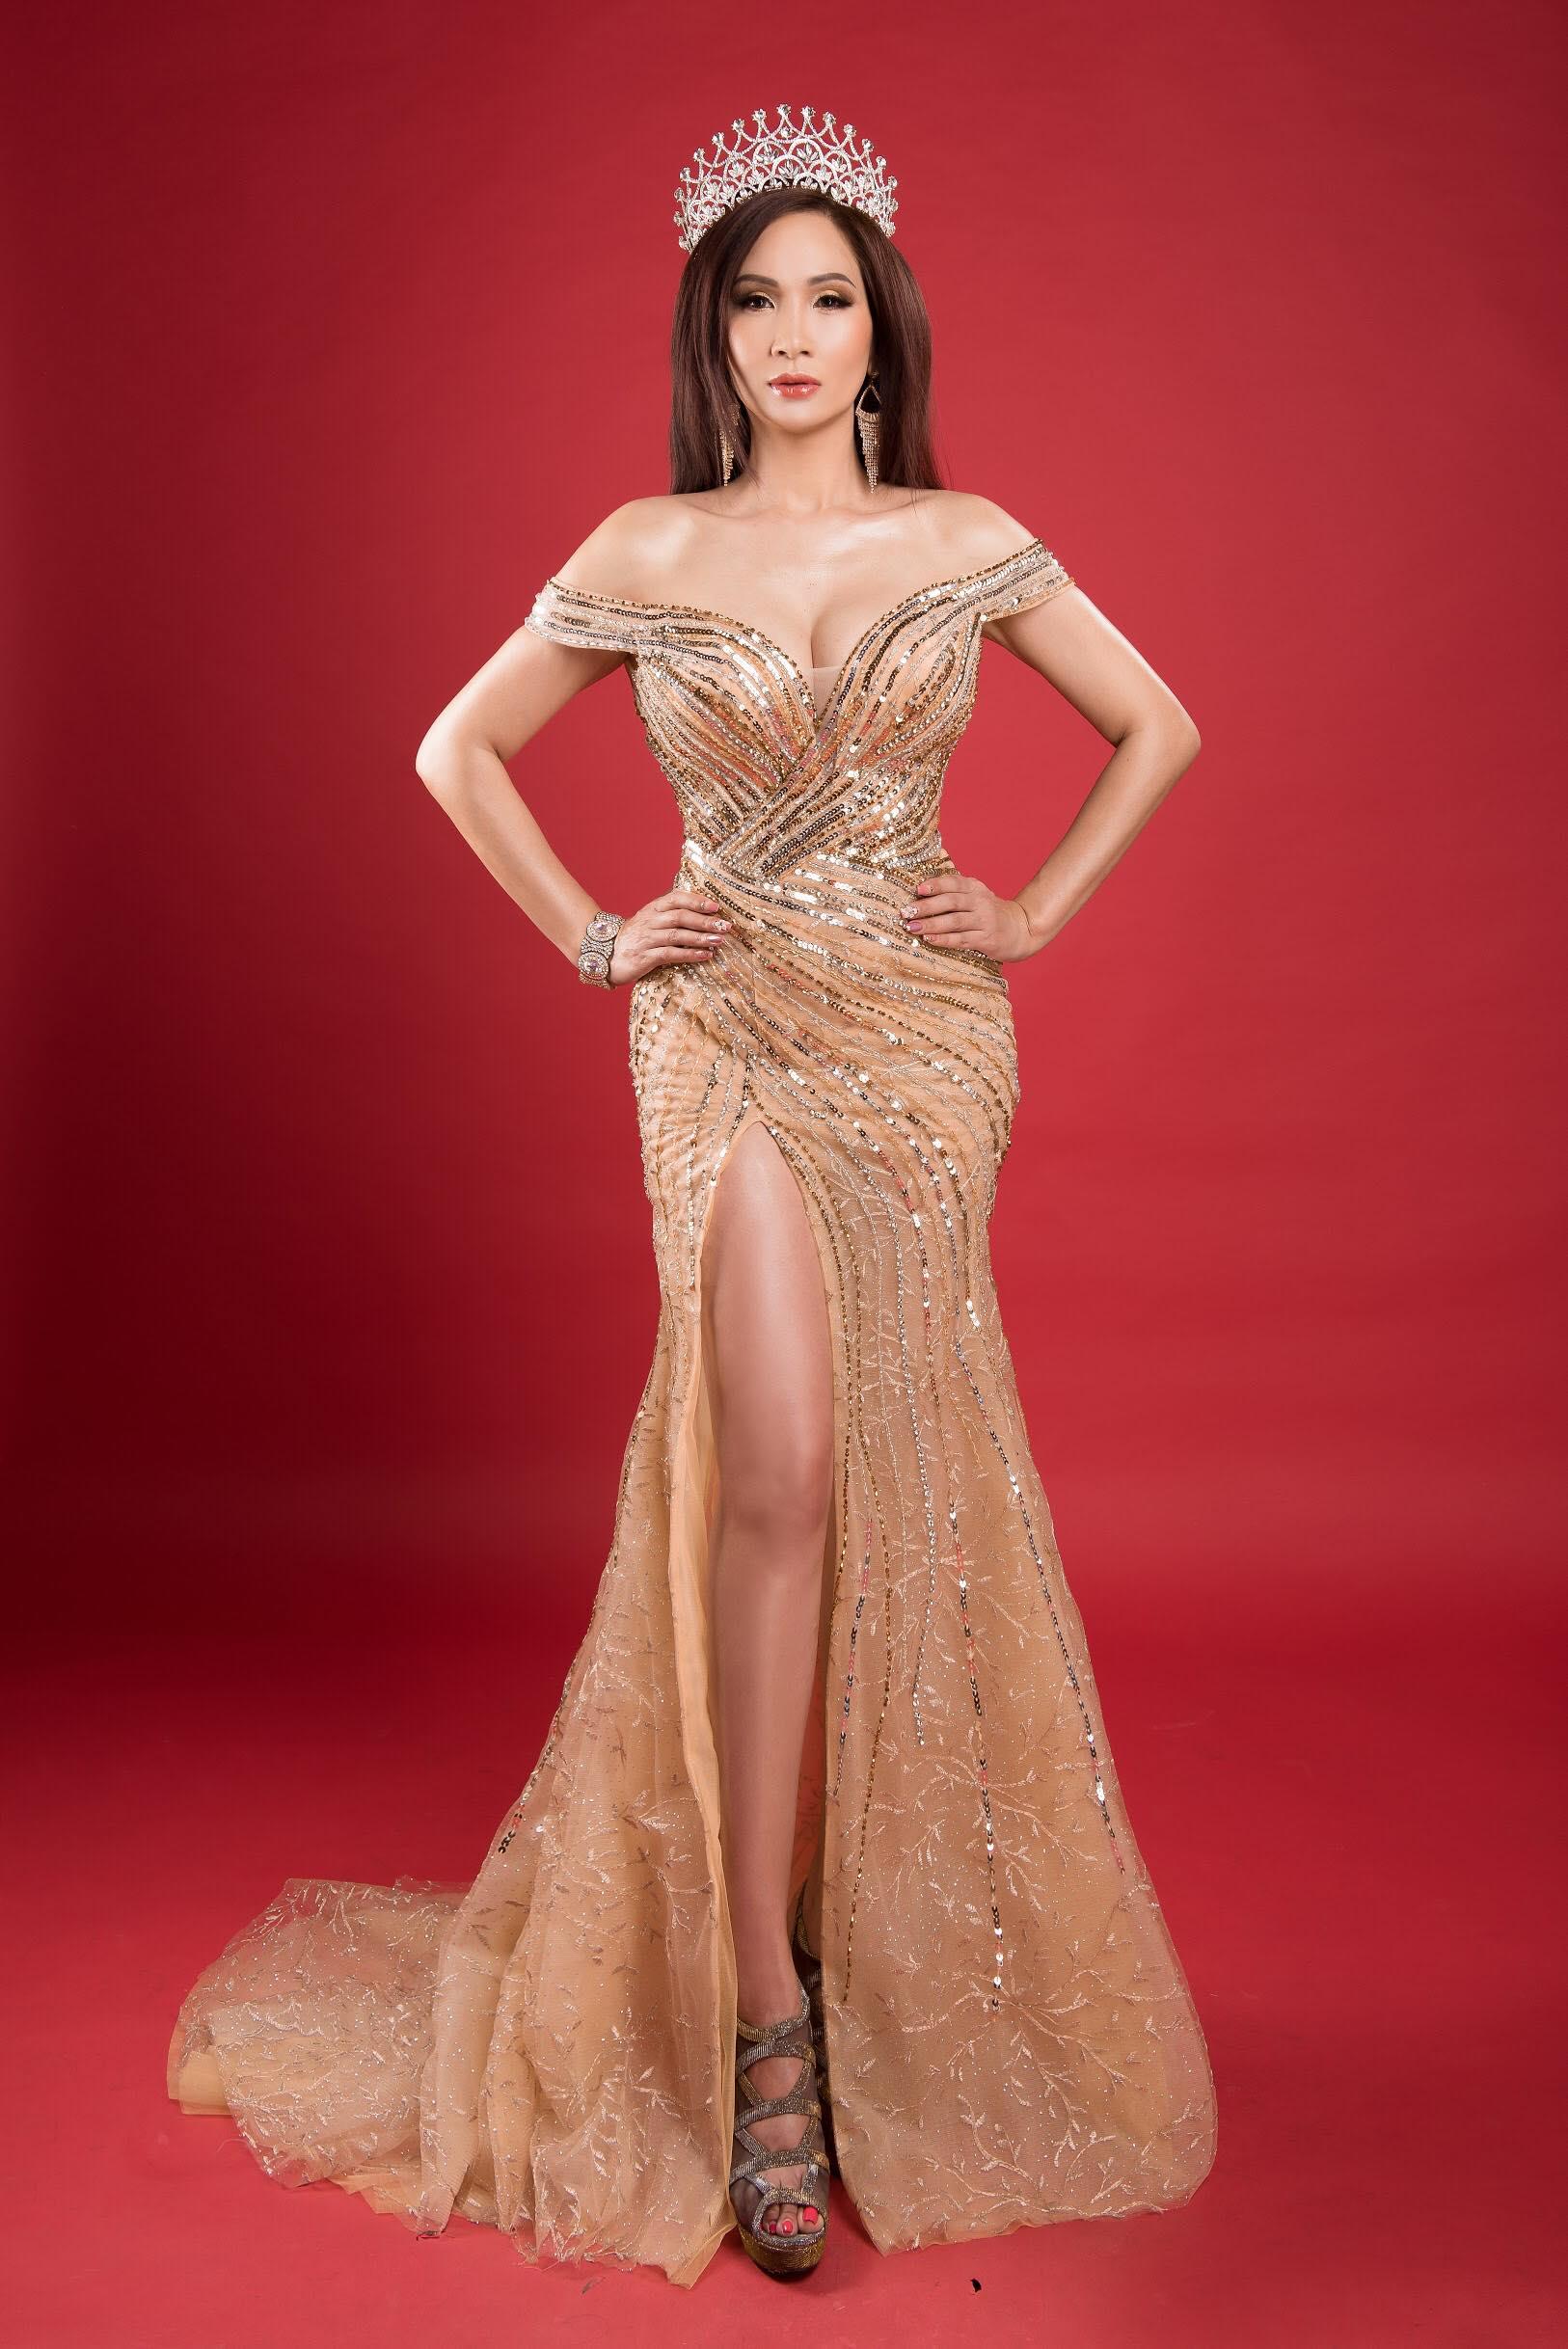 Hoa hậu VickyLin Đinh háo hức tổ chức cuộc thi nhan sắc tại Mỹ 4